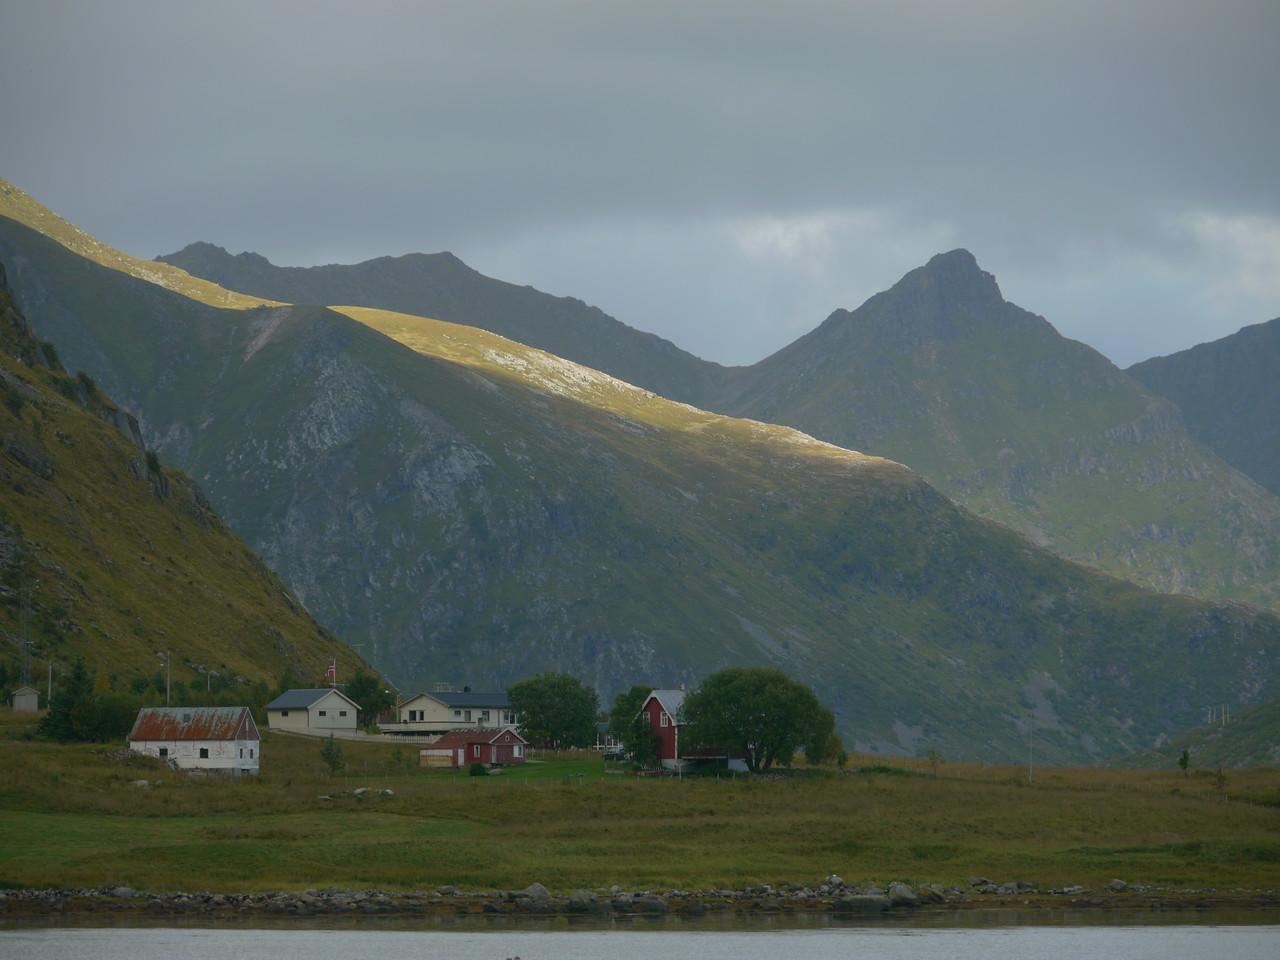 @ 2012 / Kilan, Sund I Lofoten, Nordland, Lofoten, NOR, Norwegen, 13.6364 m ü/M, 09/09/2012 16:20:01